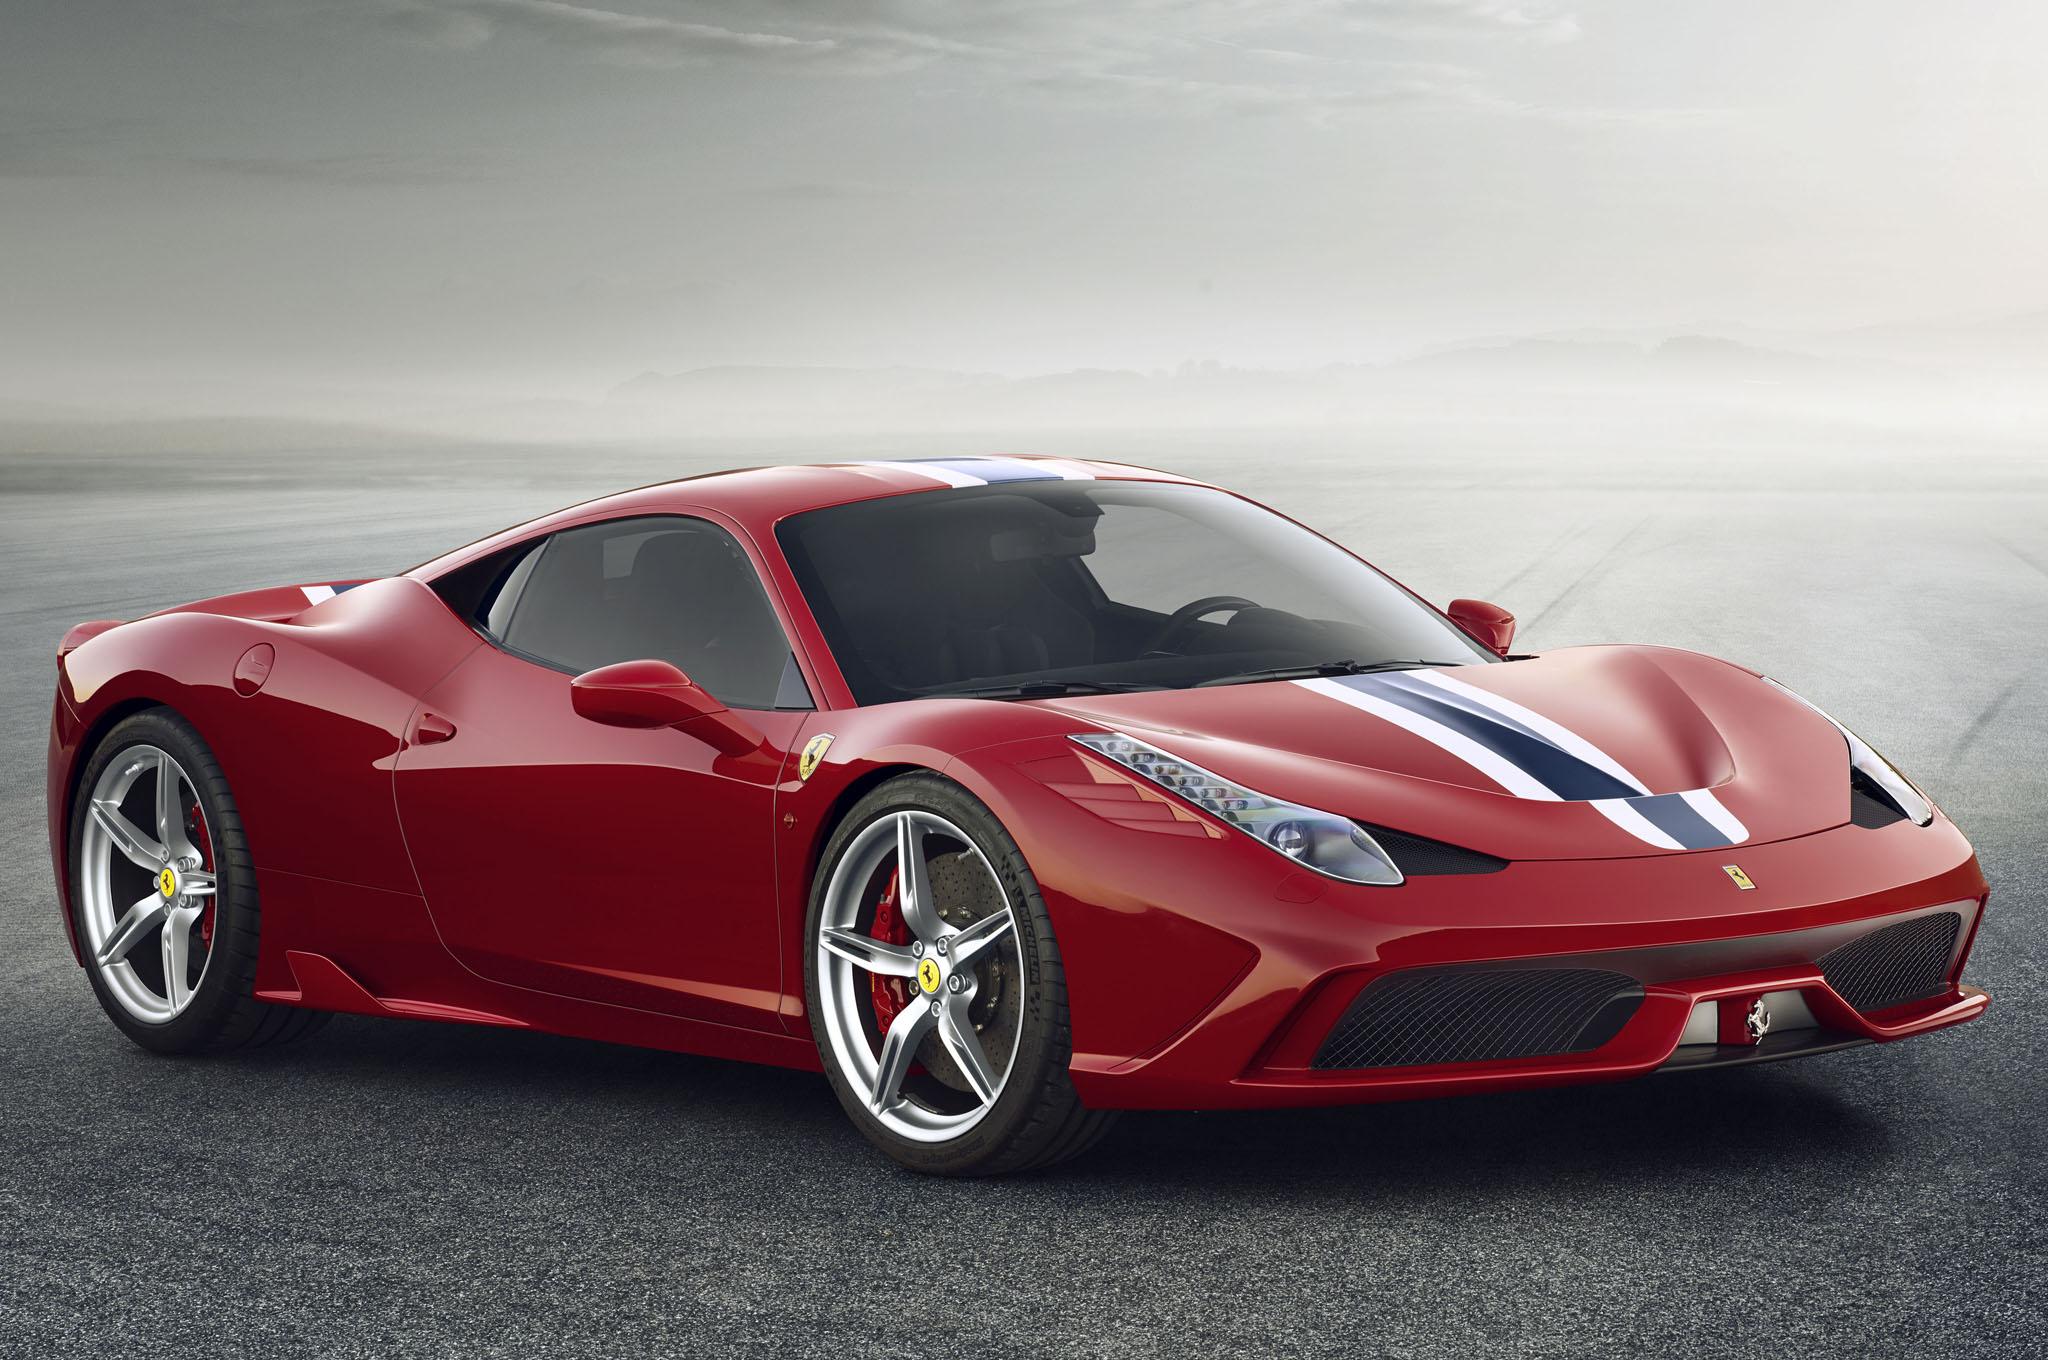 2014 Ferrari 458 Speciale Front Three Quarters1